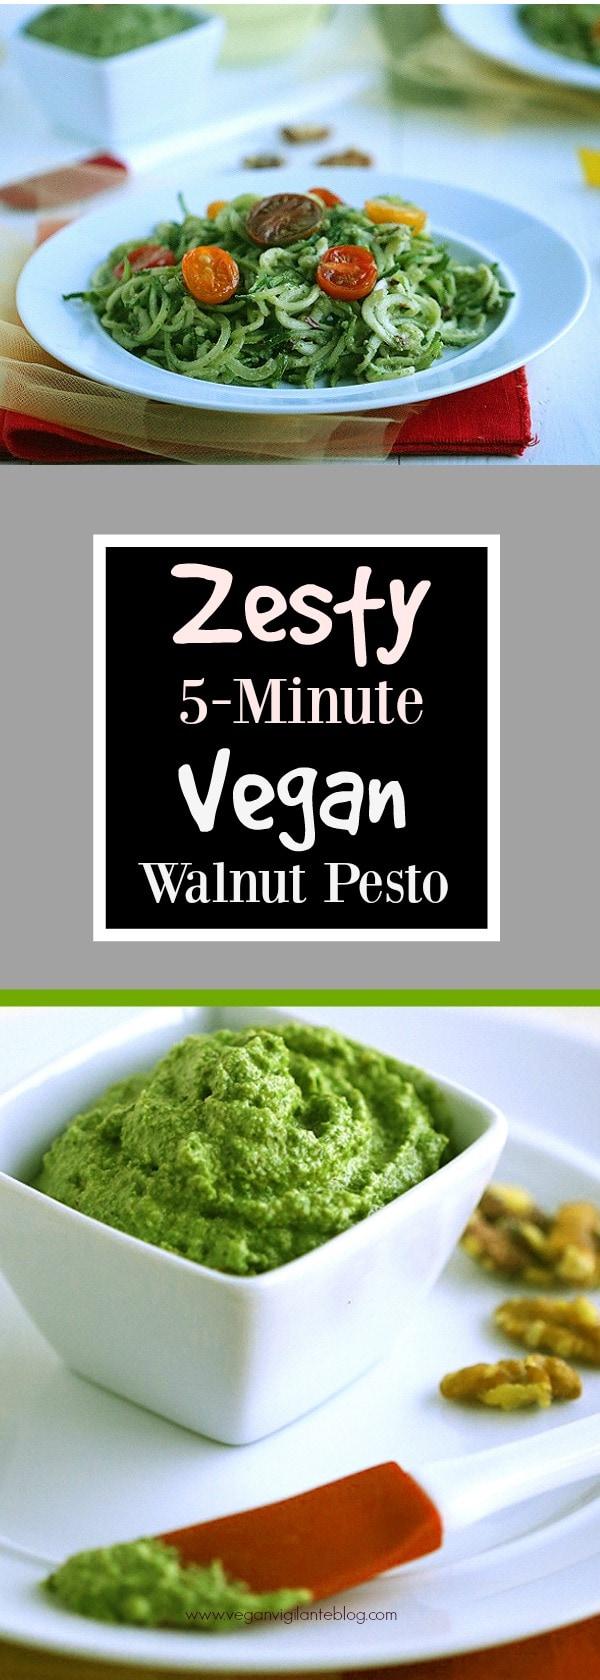 Vegan Walnut Pesto